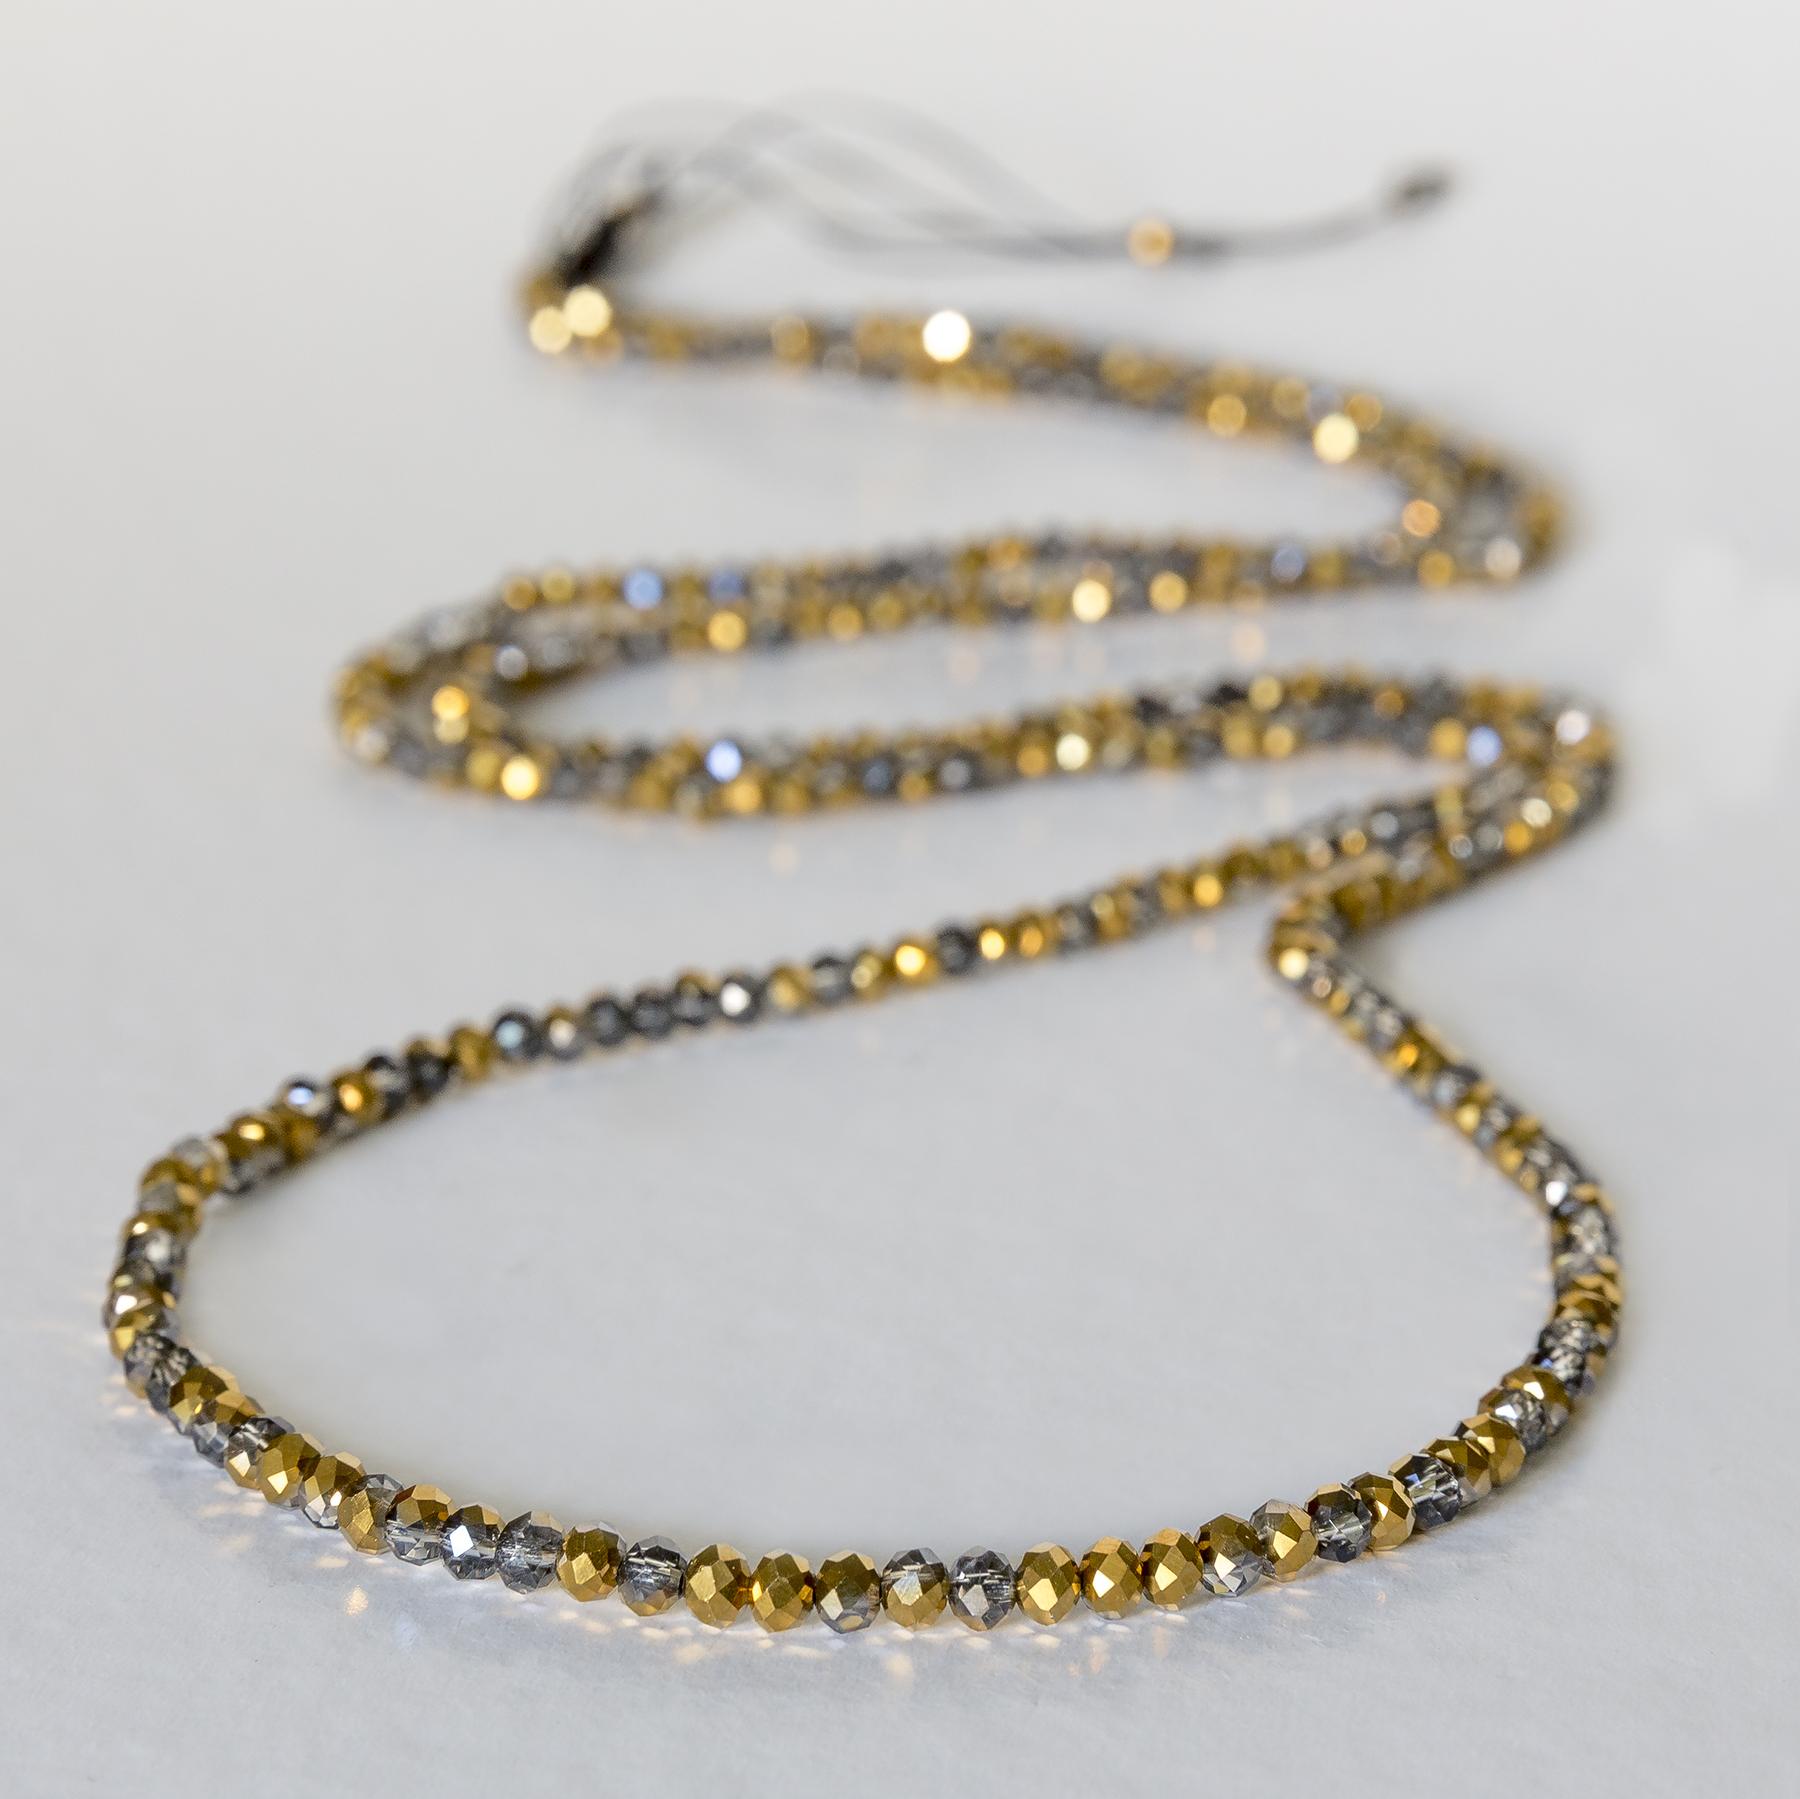 Χειροποίητο Μακρύ κολιέ από δίχρομες κρυστάλλινες χάντρες (χρυσό ... b4ca12036fd